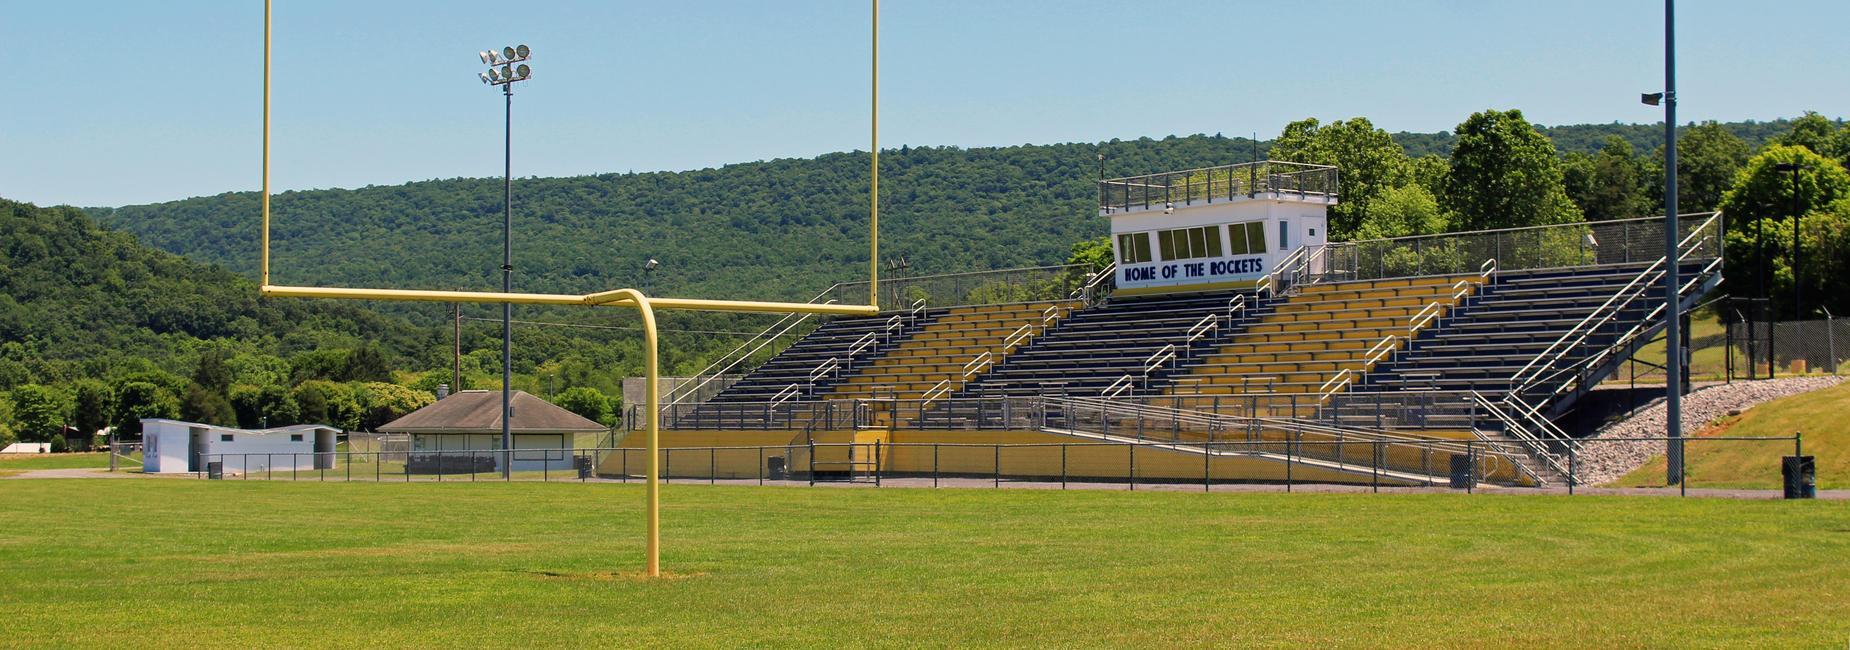 SHCSD Football Field